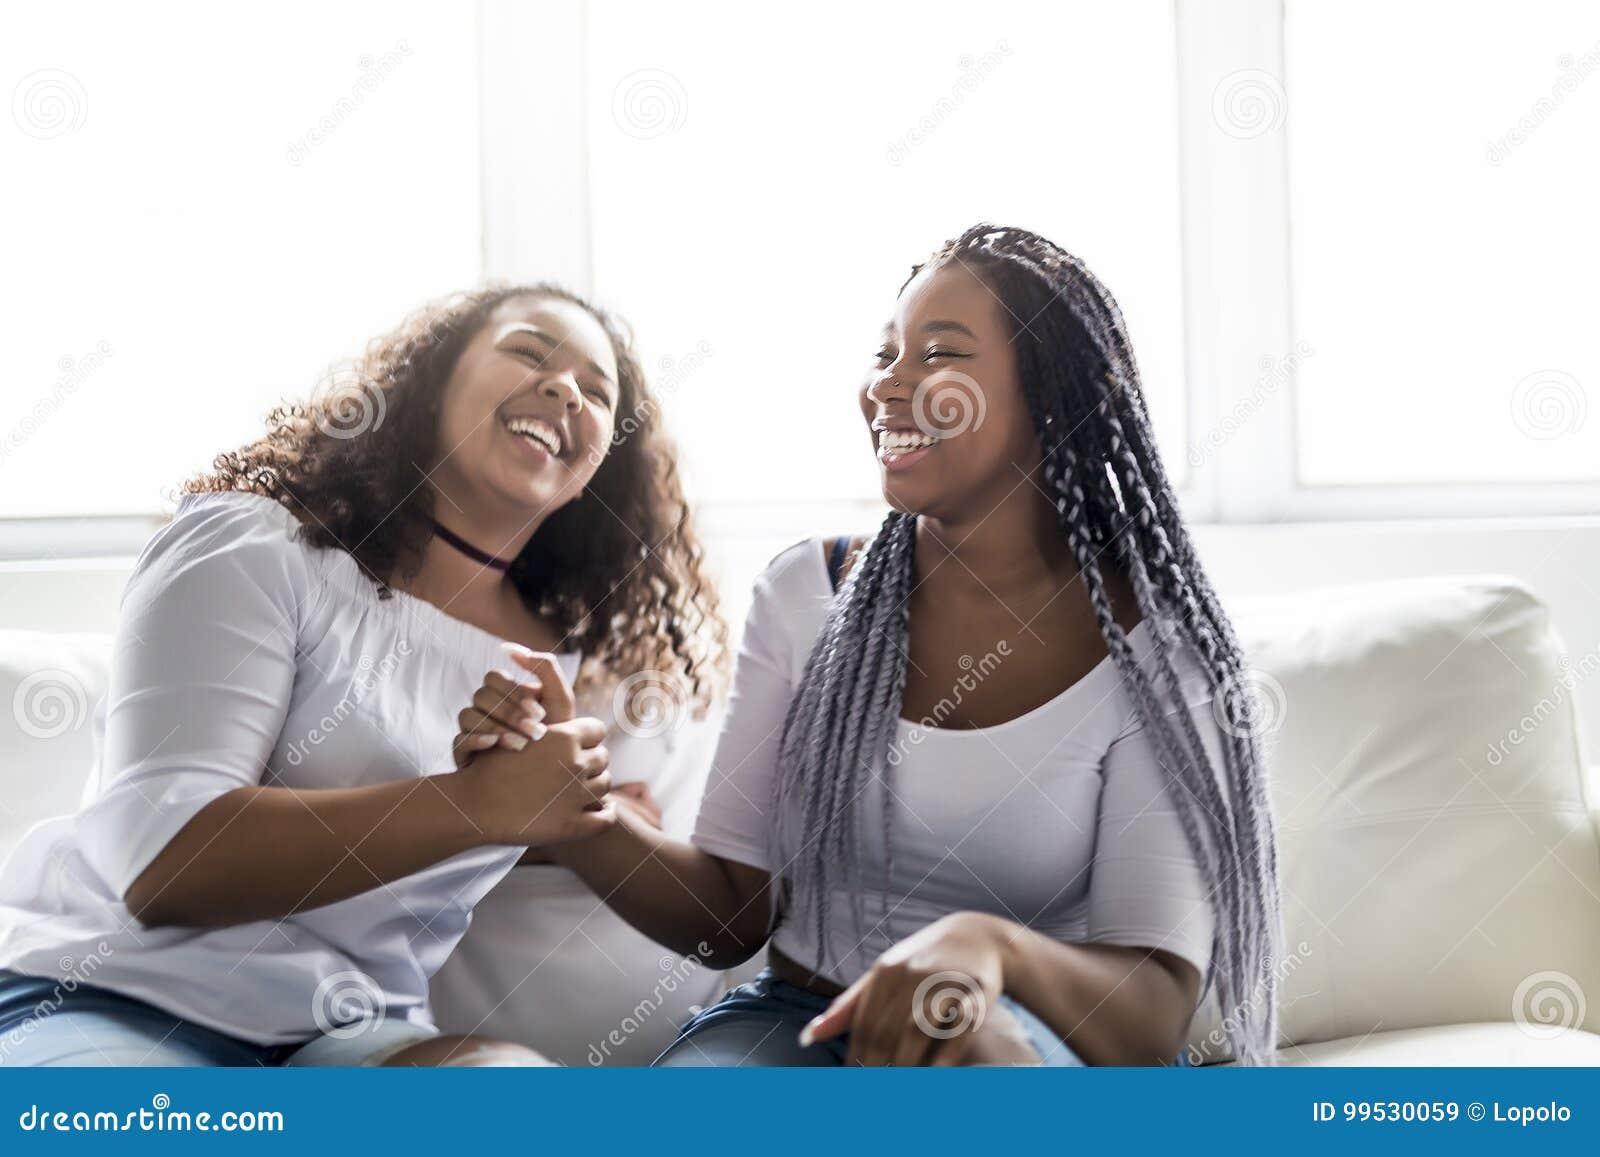 Afroes-amerikanisch Sitzen der liebevollen Freunde auf Sofa